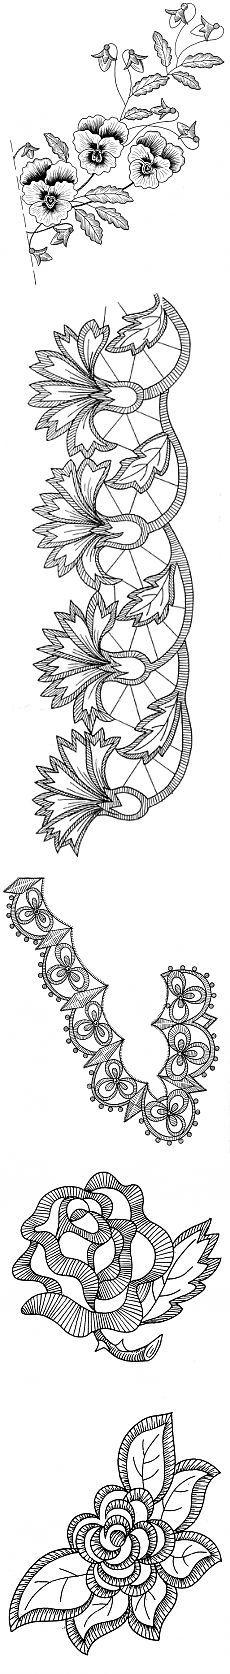 Galeria motivos florais para o bordado.